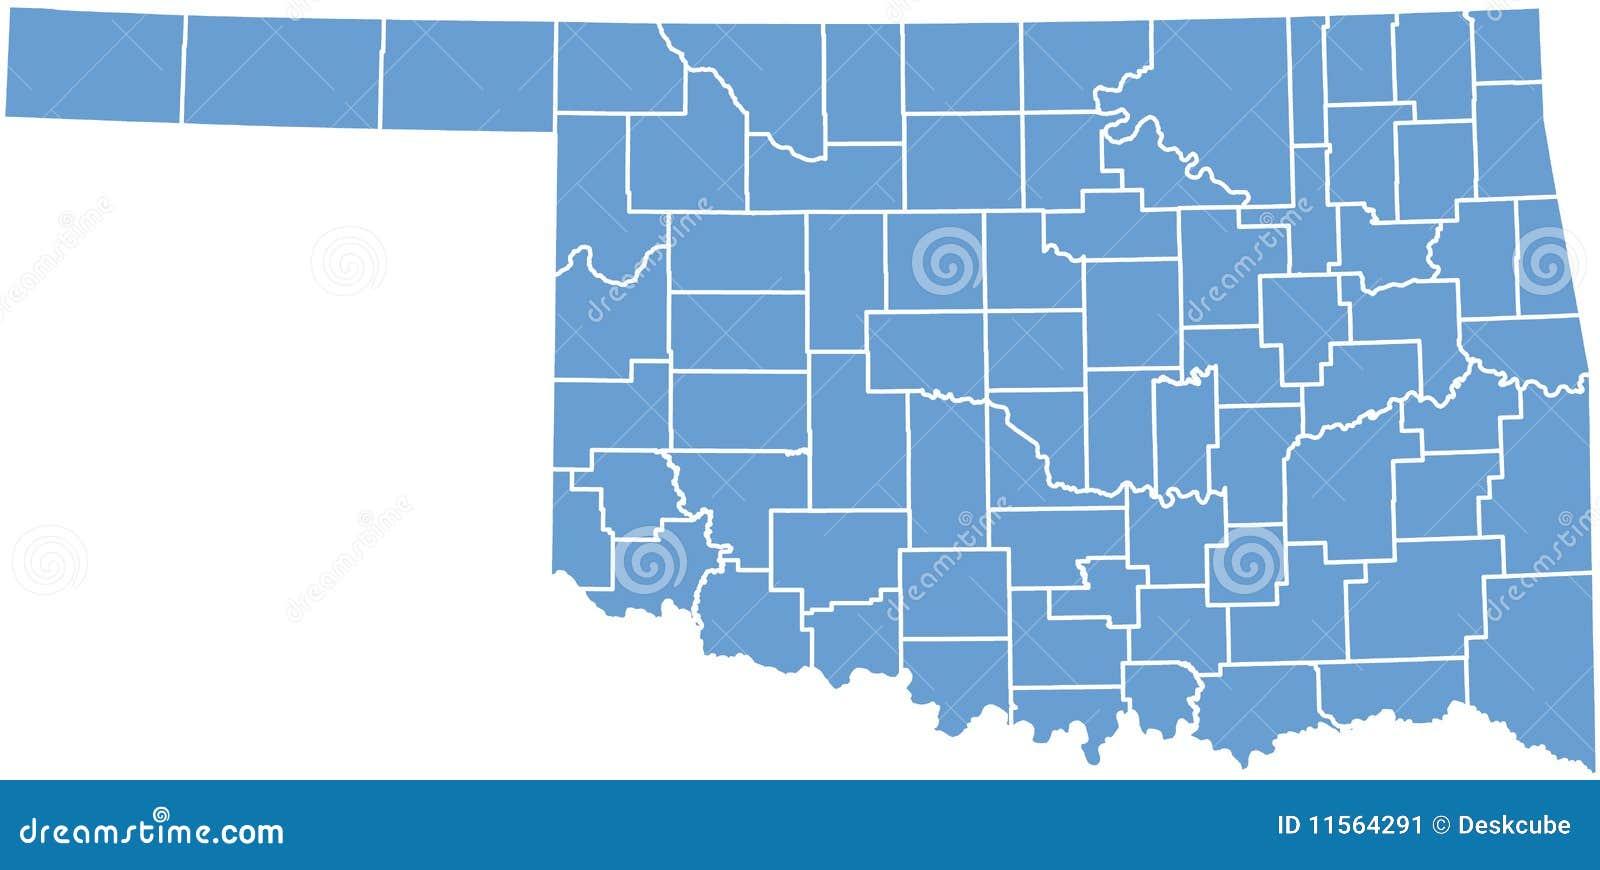 Mapa do estado de Oklahoma por condados